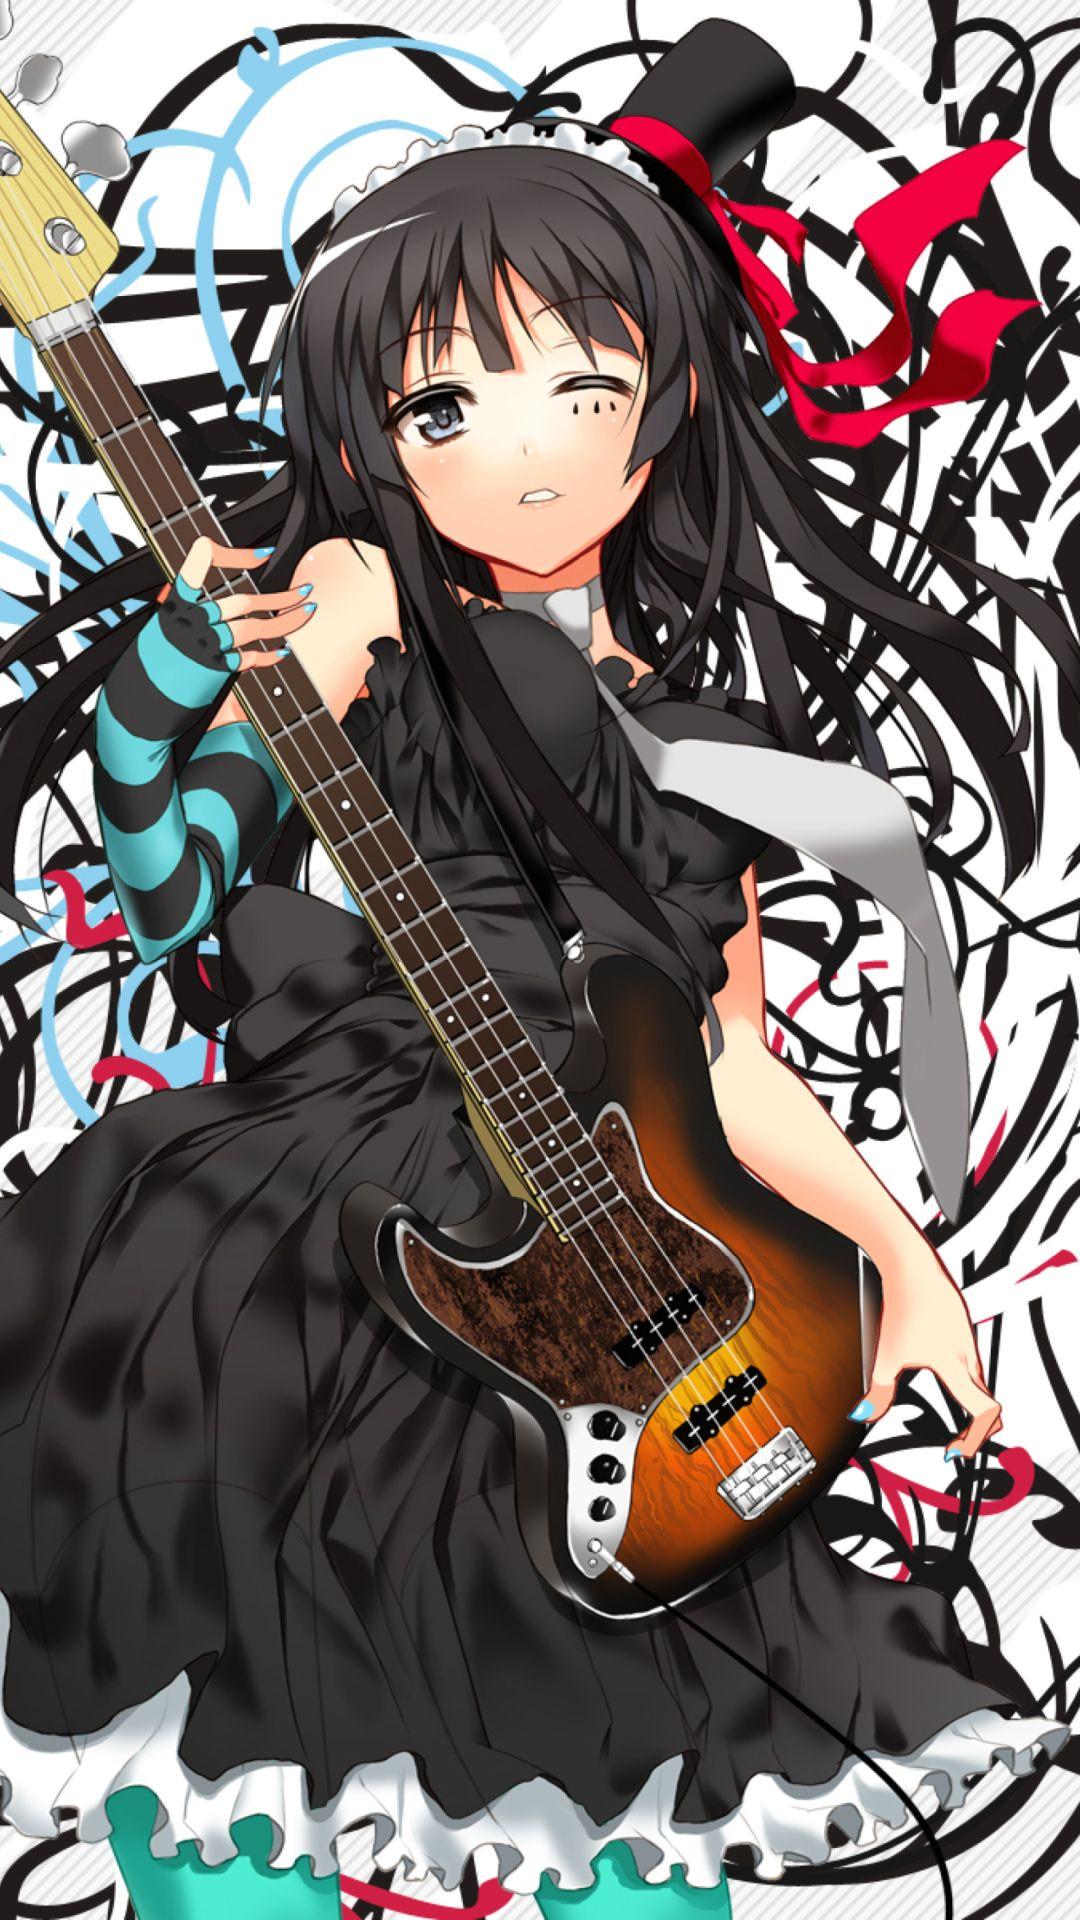 Mio Akiyama Wallpaper For Nokia Lumia